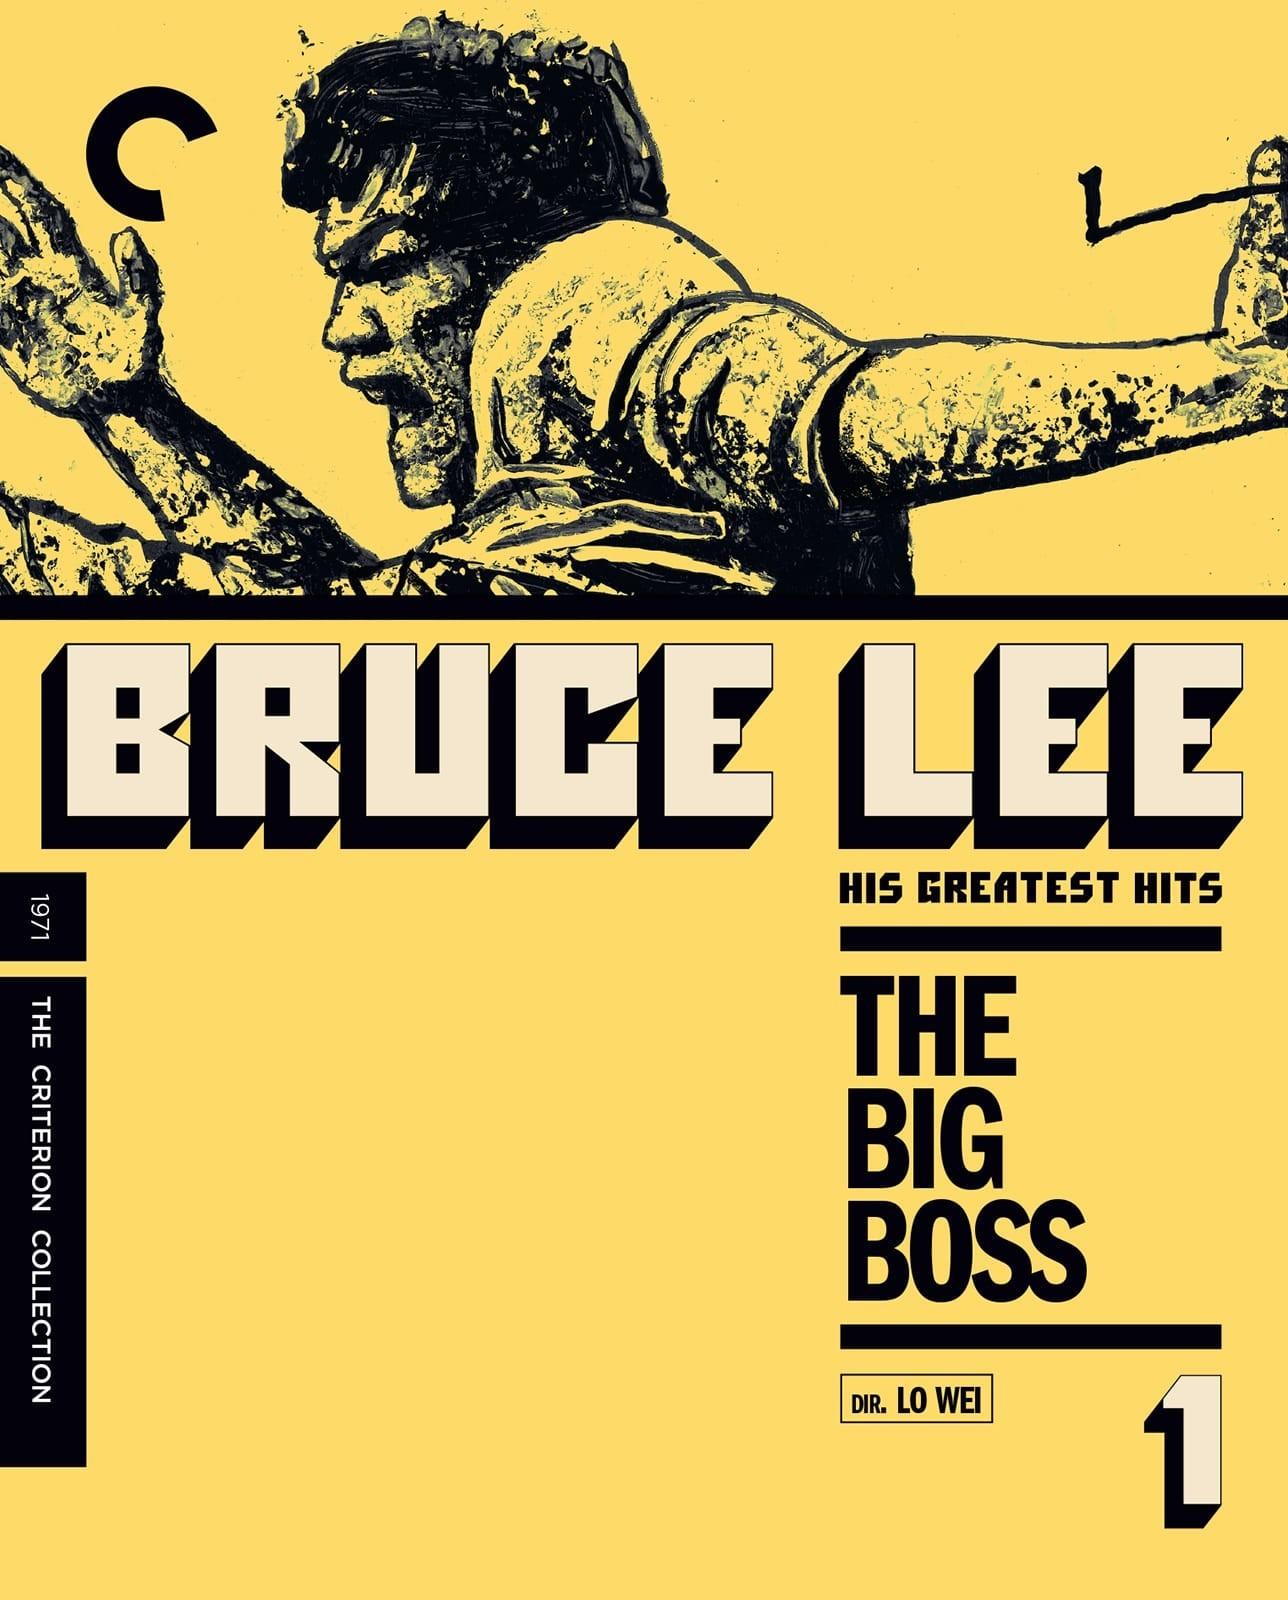 悠悠MP4_MP4电影下载_唐山大兄[国粤双语 国粤配简繁字幕].The.Big.Boss.1971.CC.BluRay.1080p.LPCM.1.0.x264-BBQDDQ 16.64